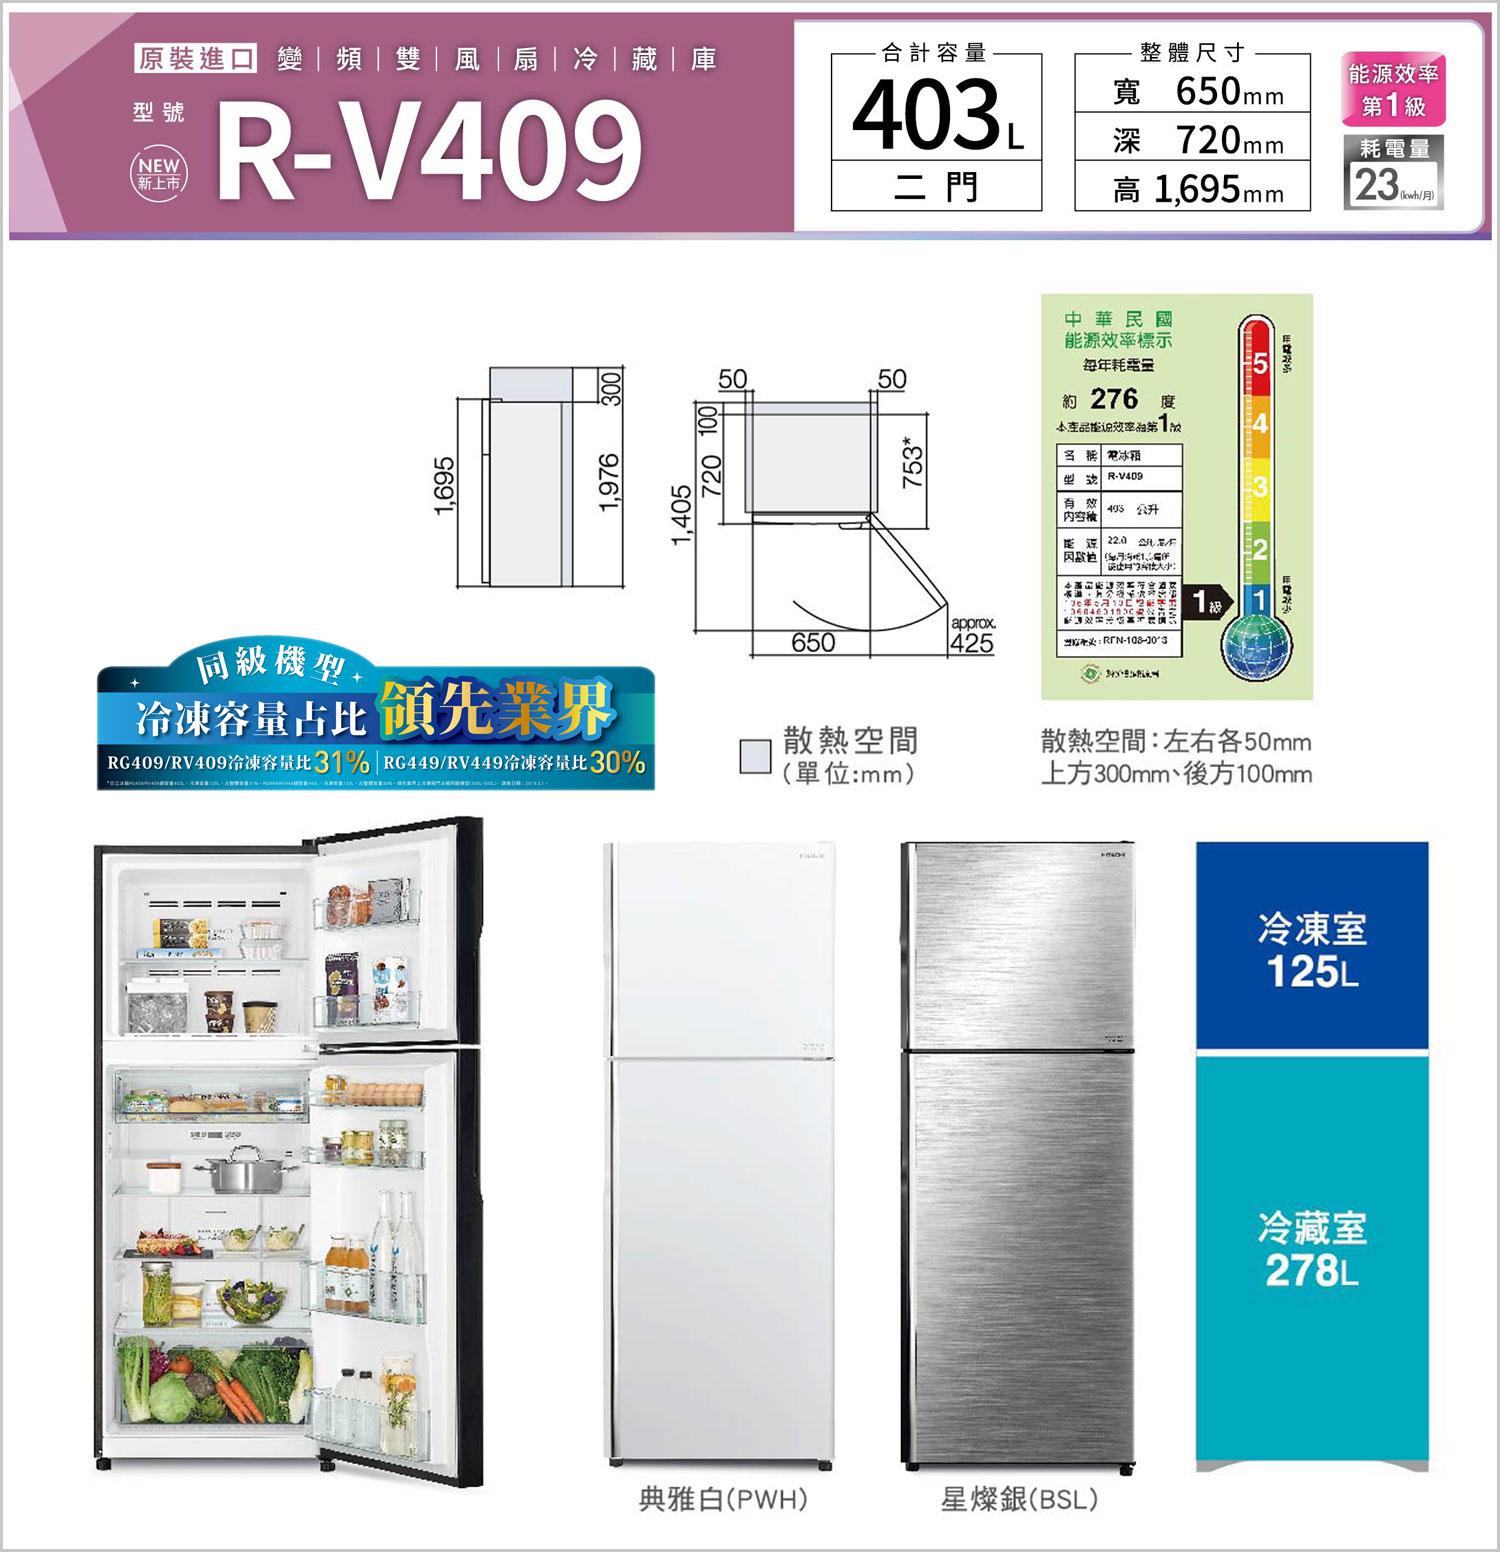 兩門 RV409(New)